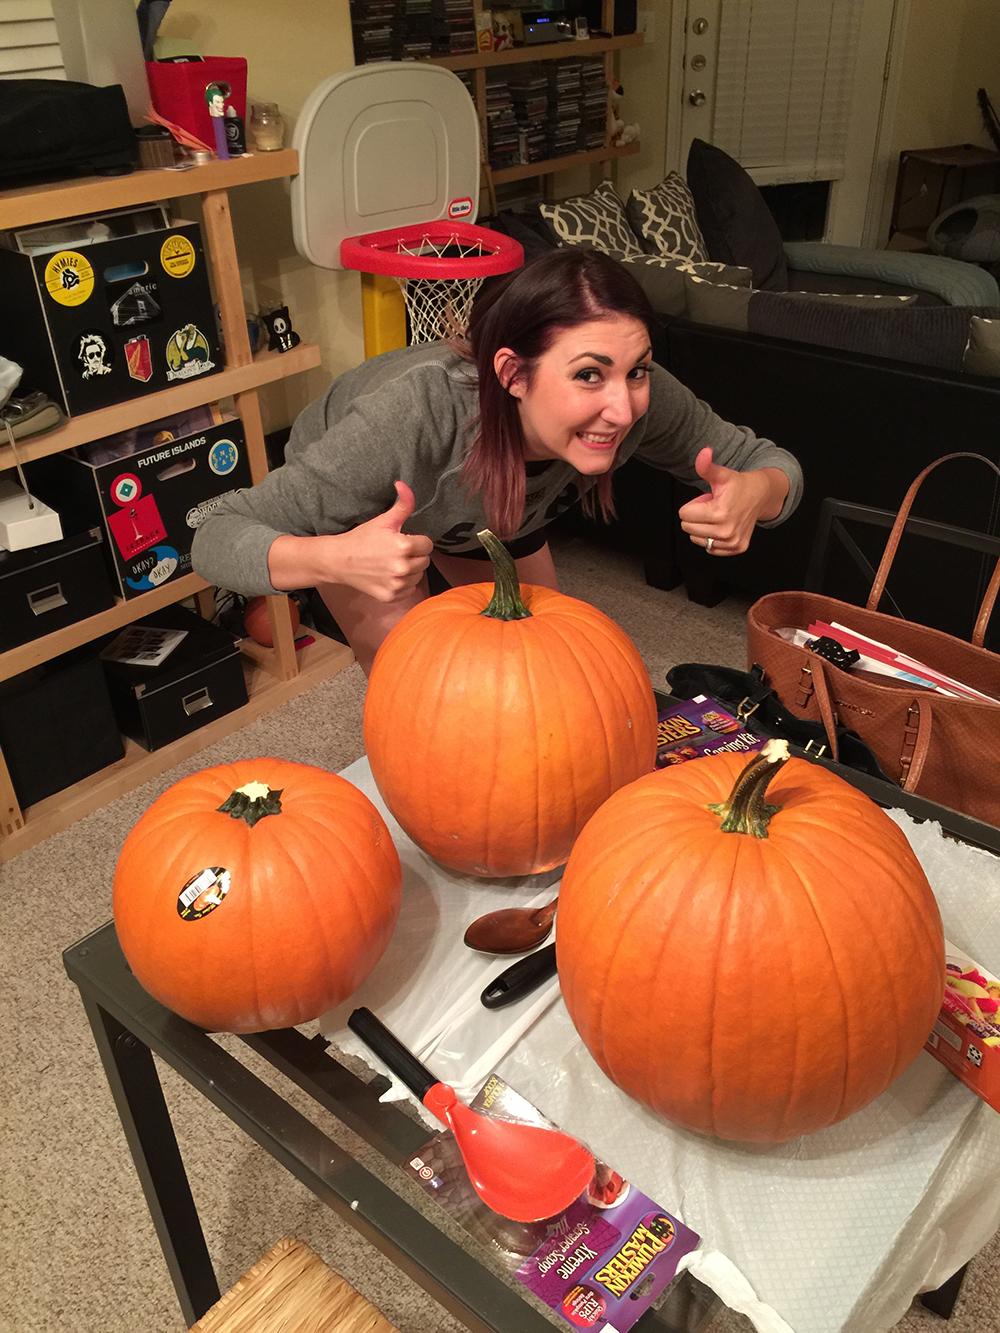 pumpkinHaul.jpg